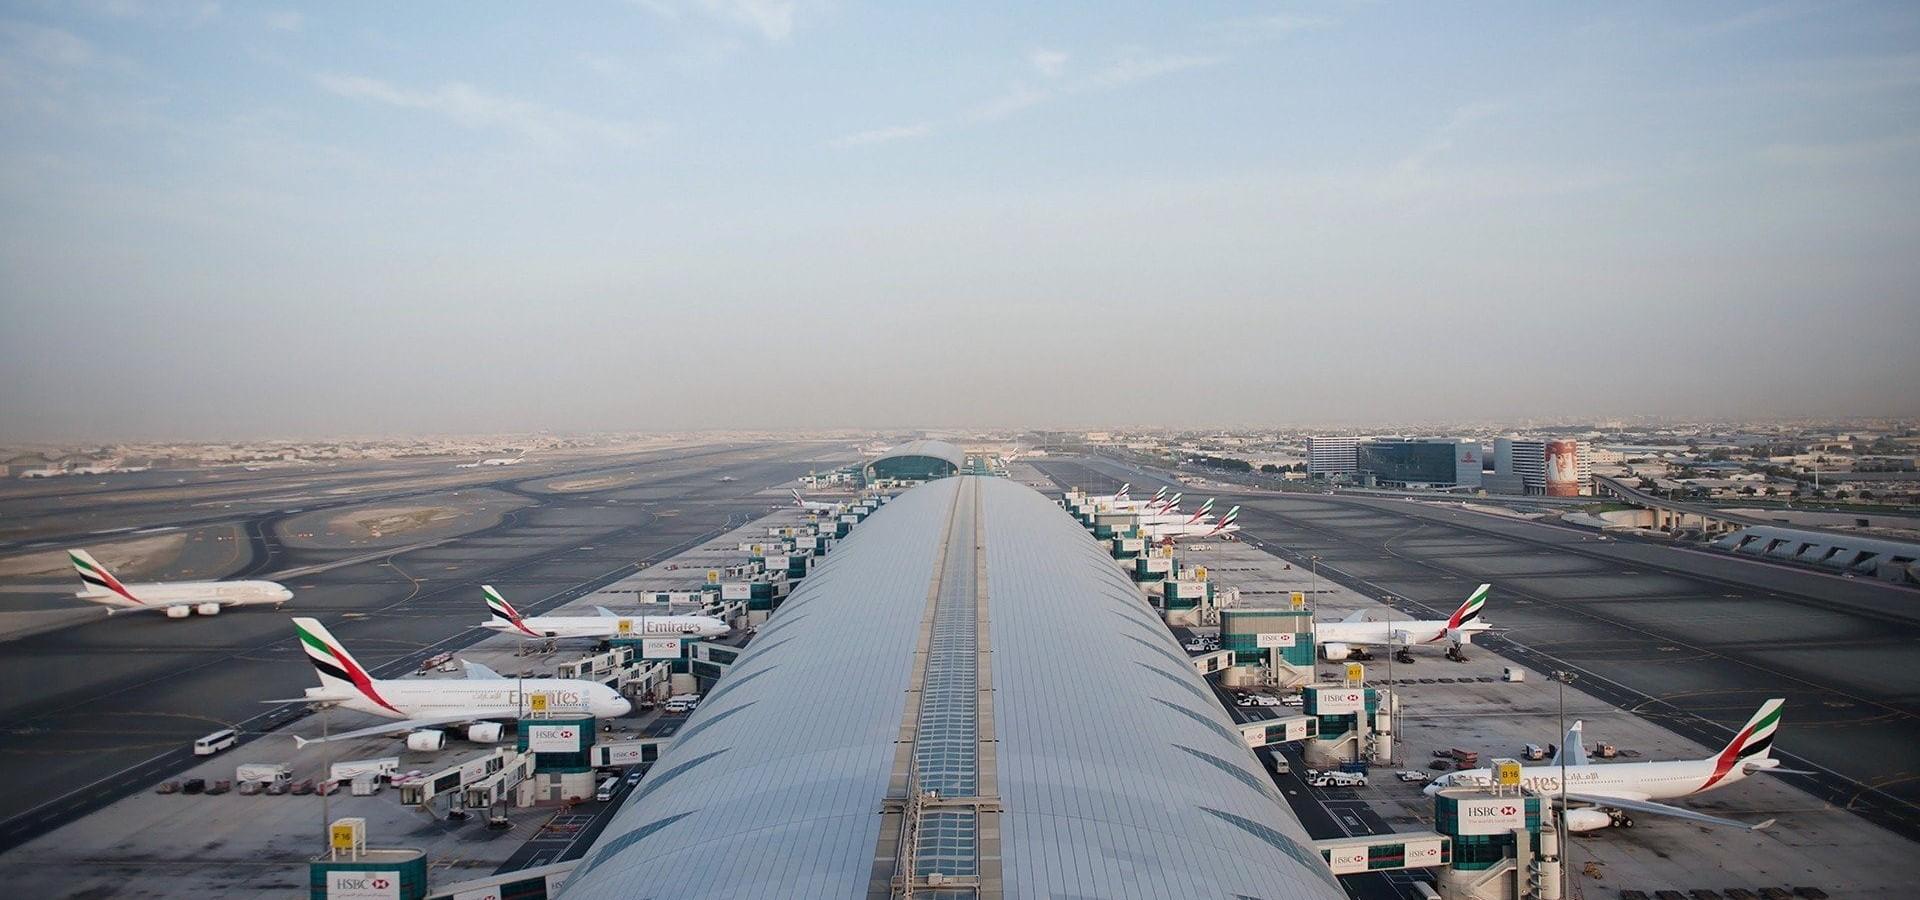 Международный аэропорт дубай смотреть онлайн 3 сезон праздничные дни в оаэ 2013